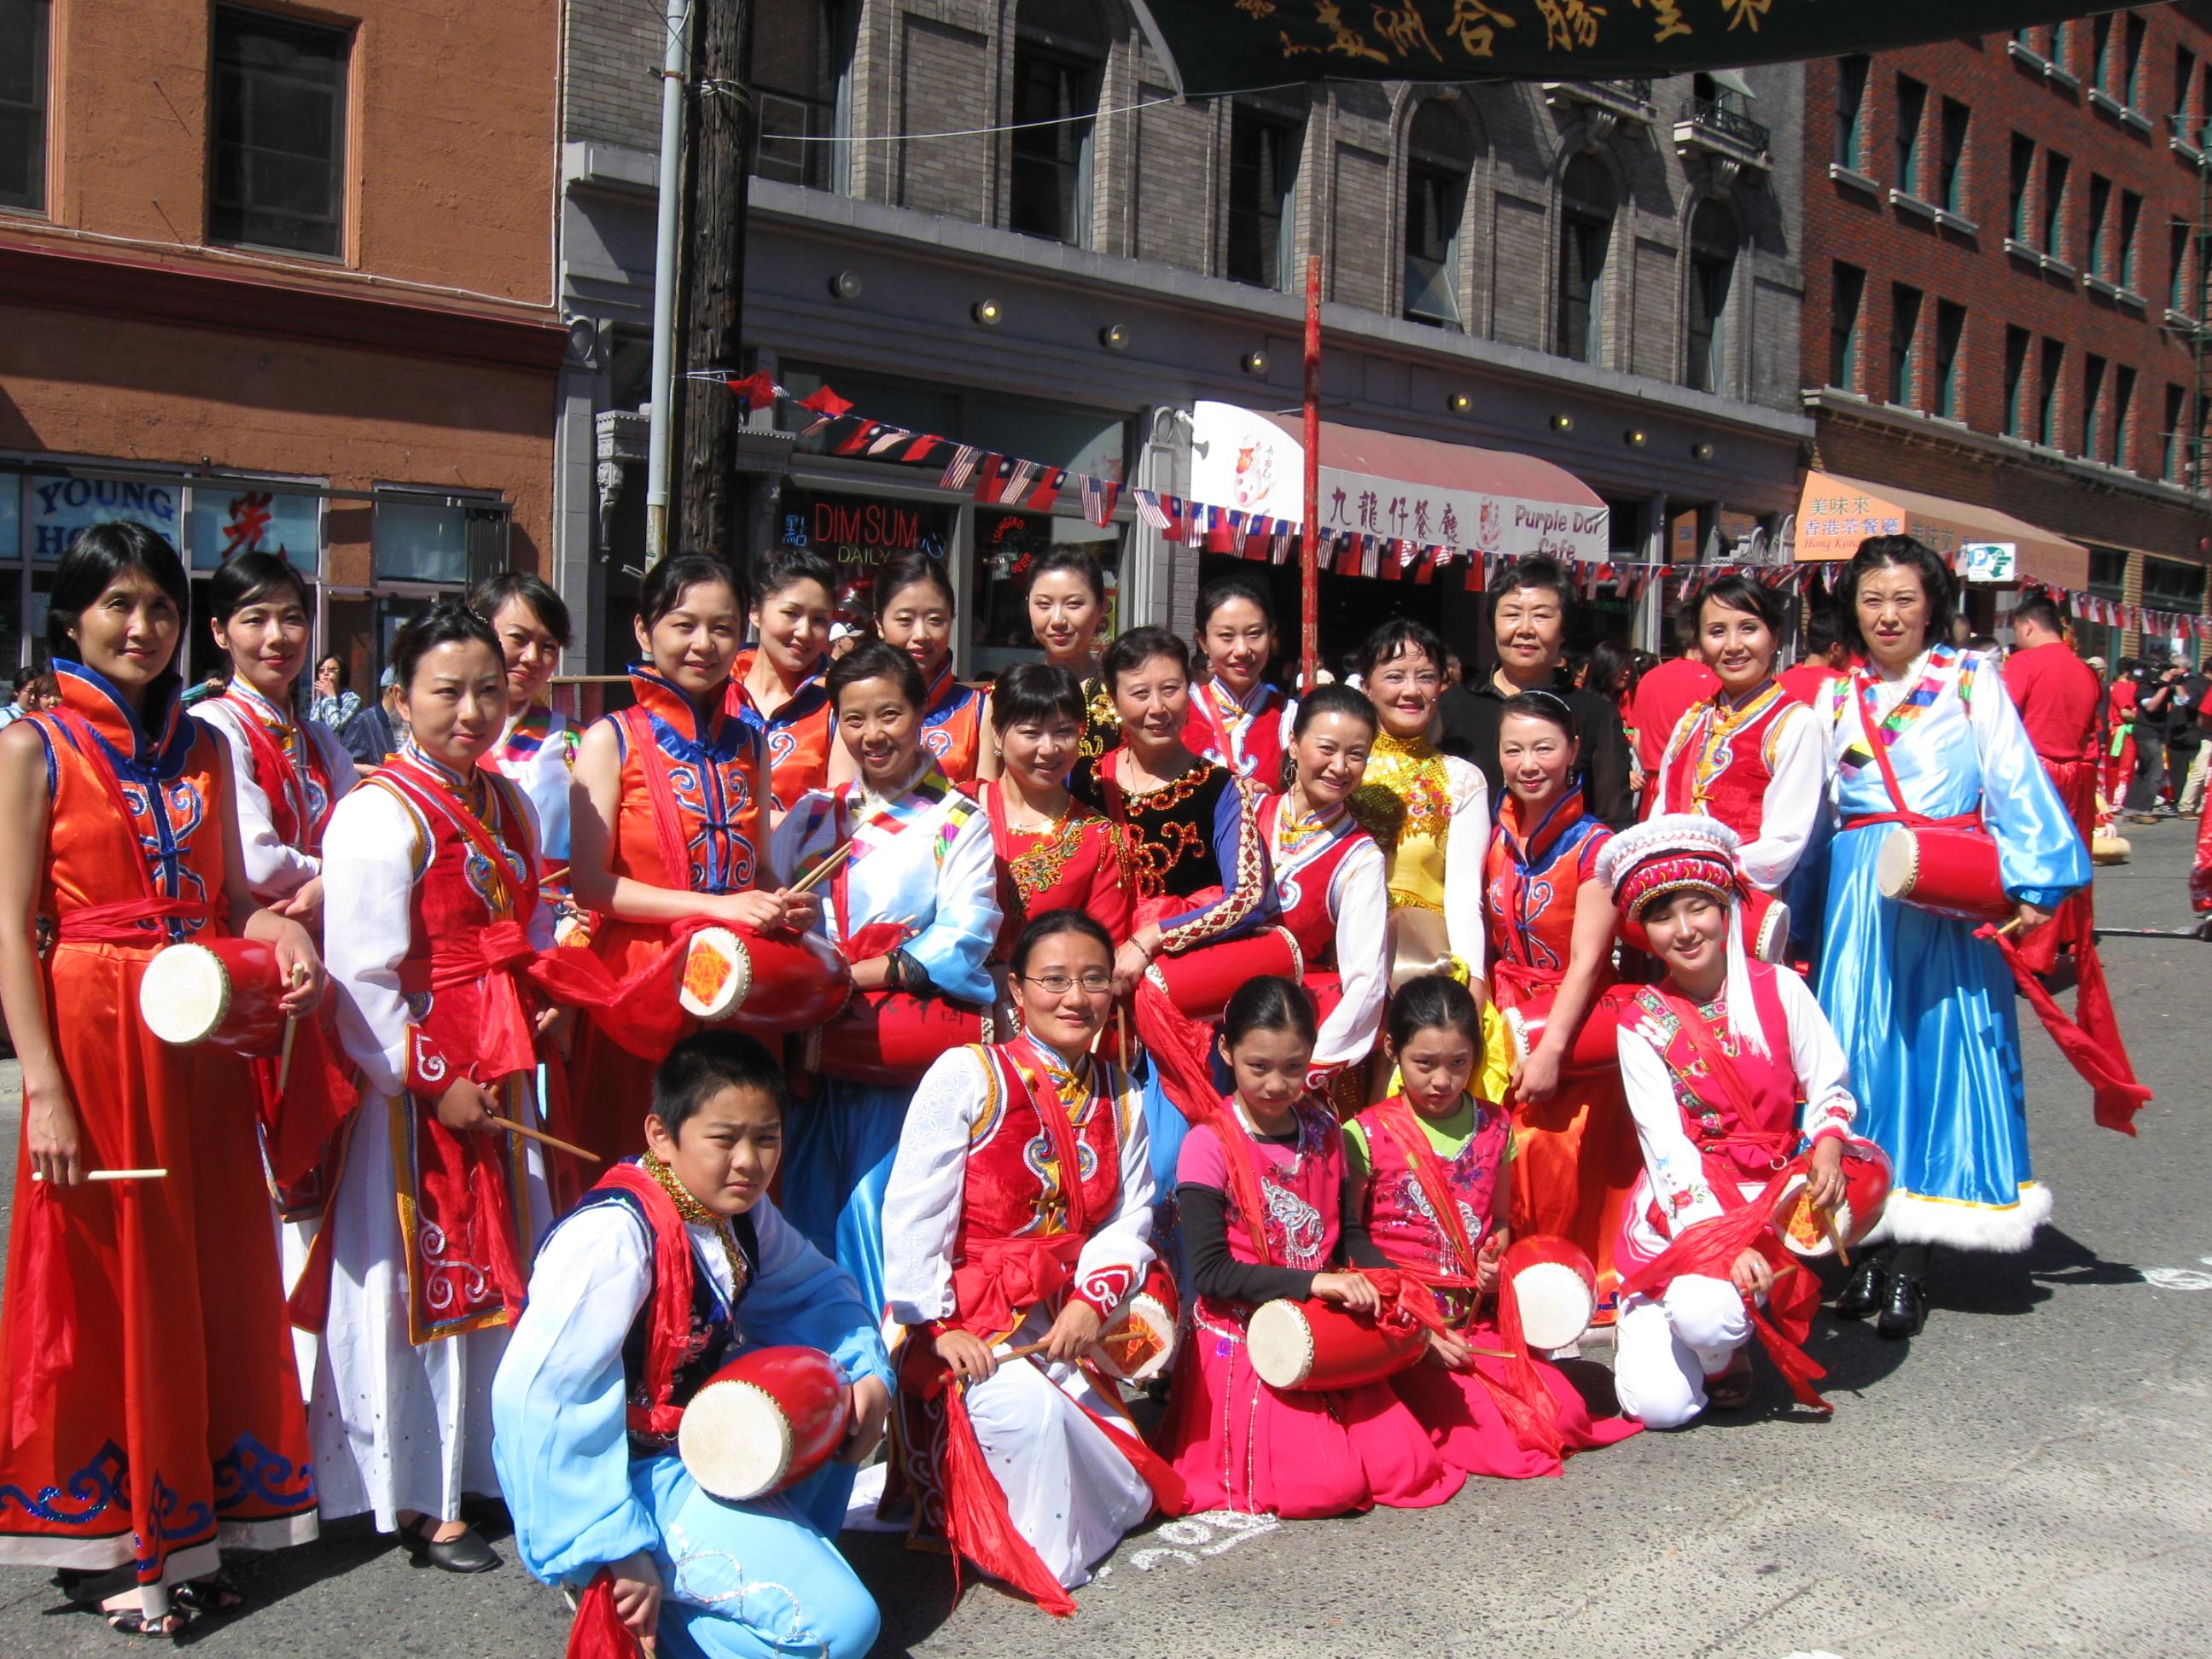 2012 Chinatown Seafair Parade Image 226